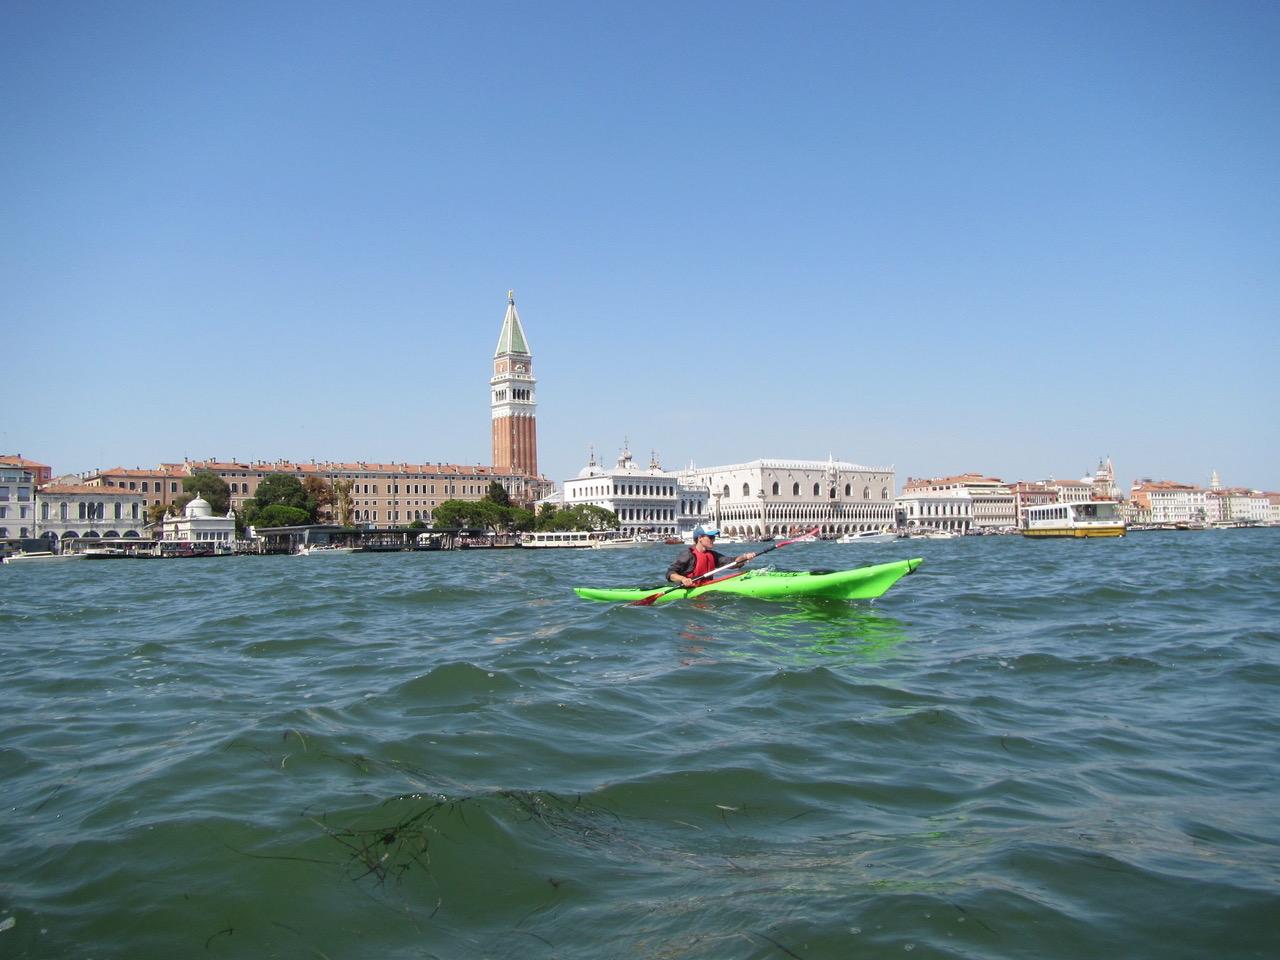 Sea kayaking in Venice, Italy.